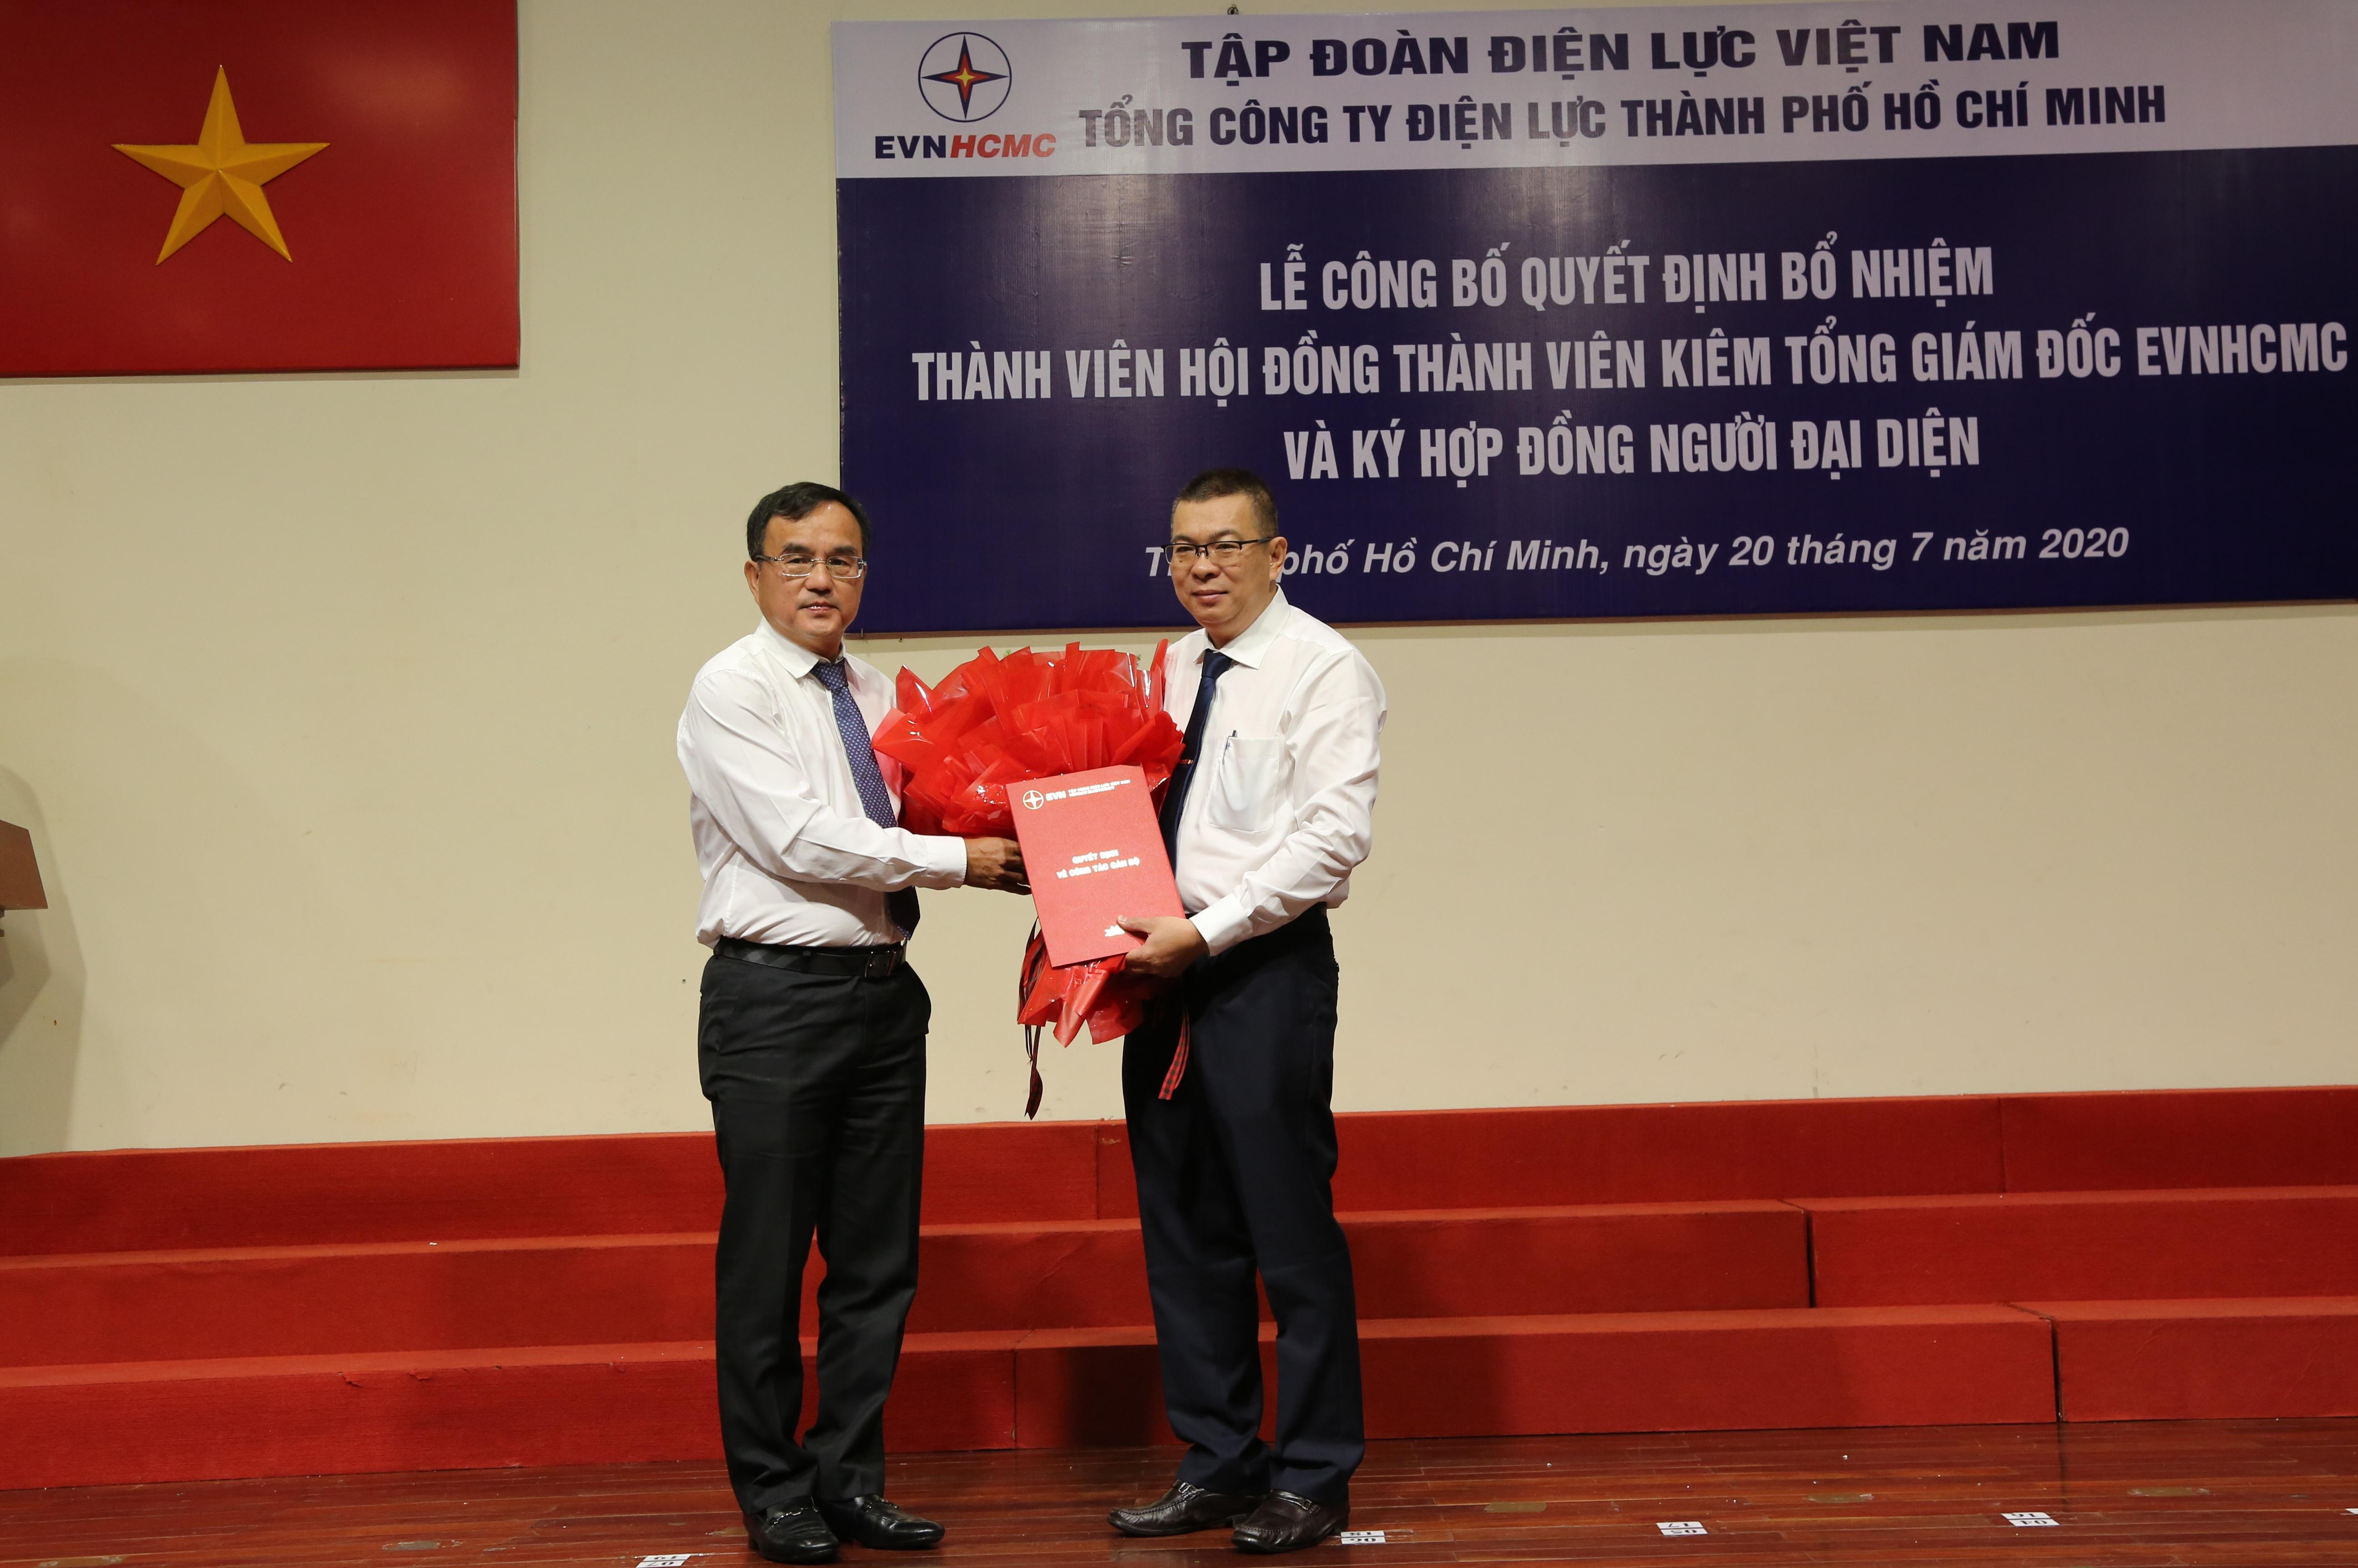 Đồng chí Nguyễn Văn Thanh giữ chức Tổng Giám đốc EVNHCMC